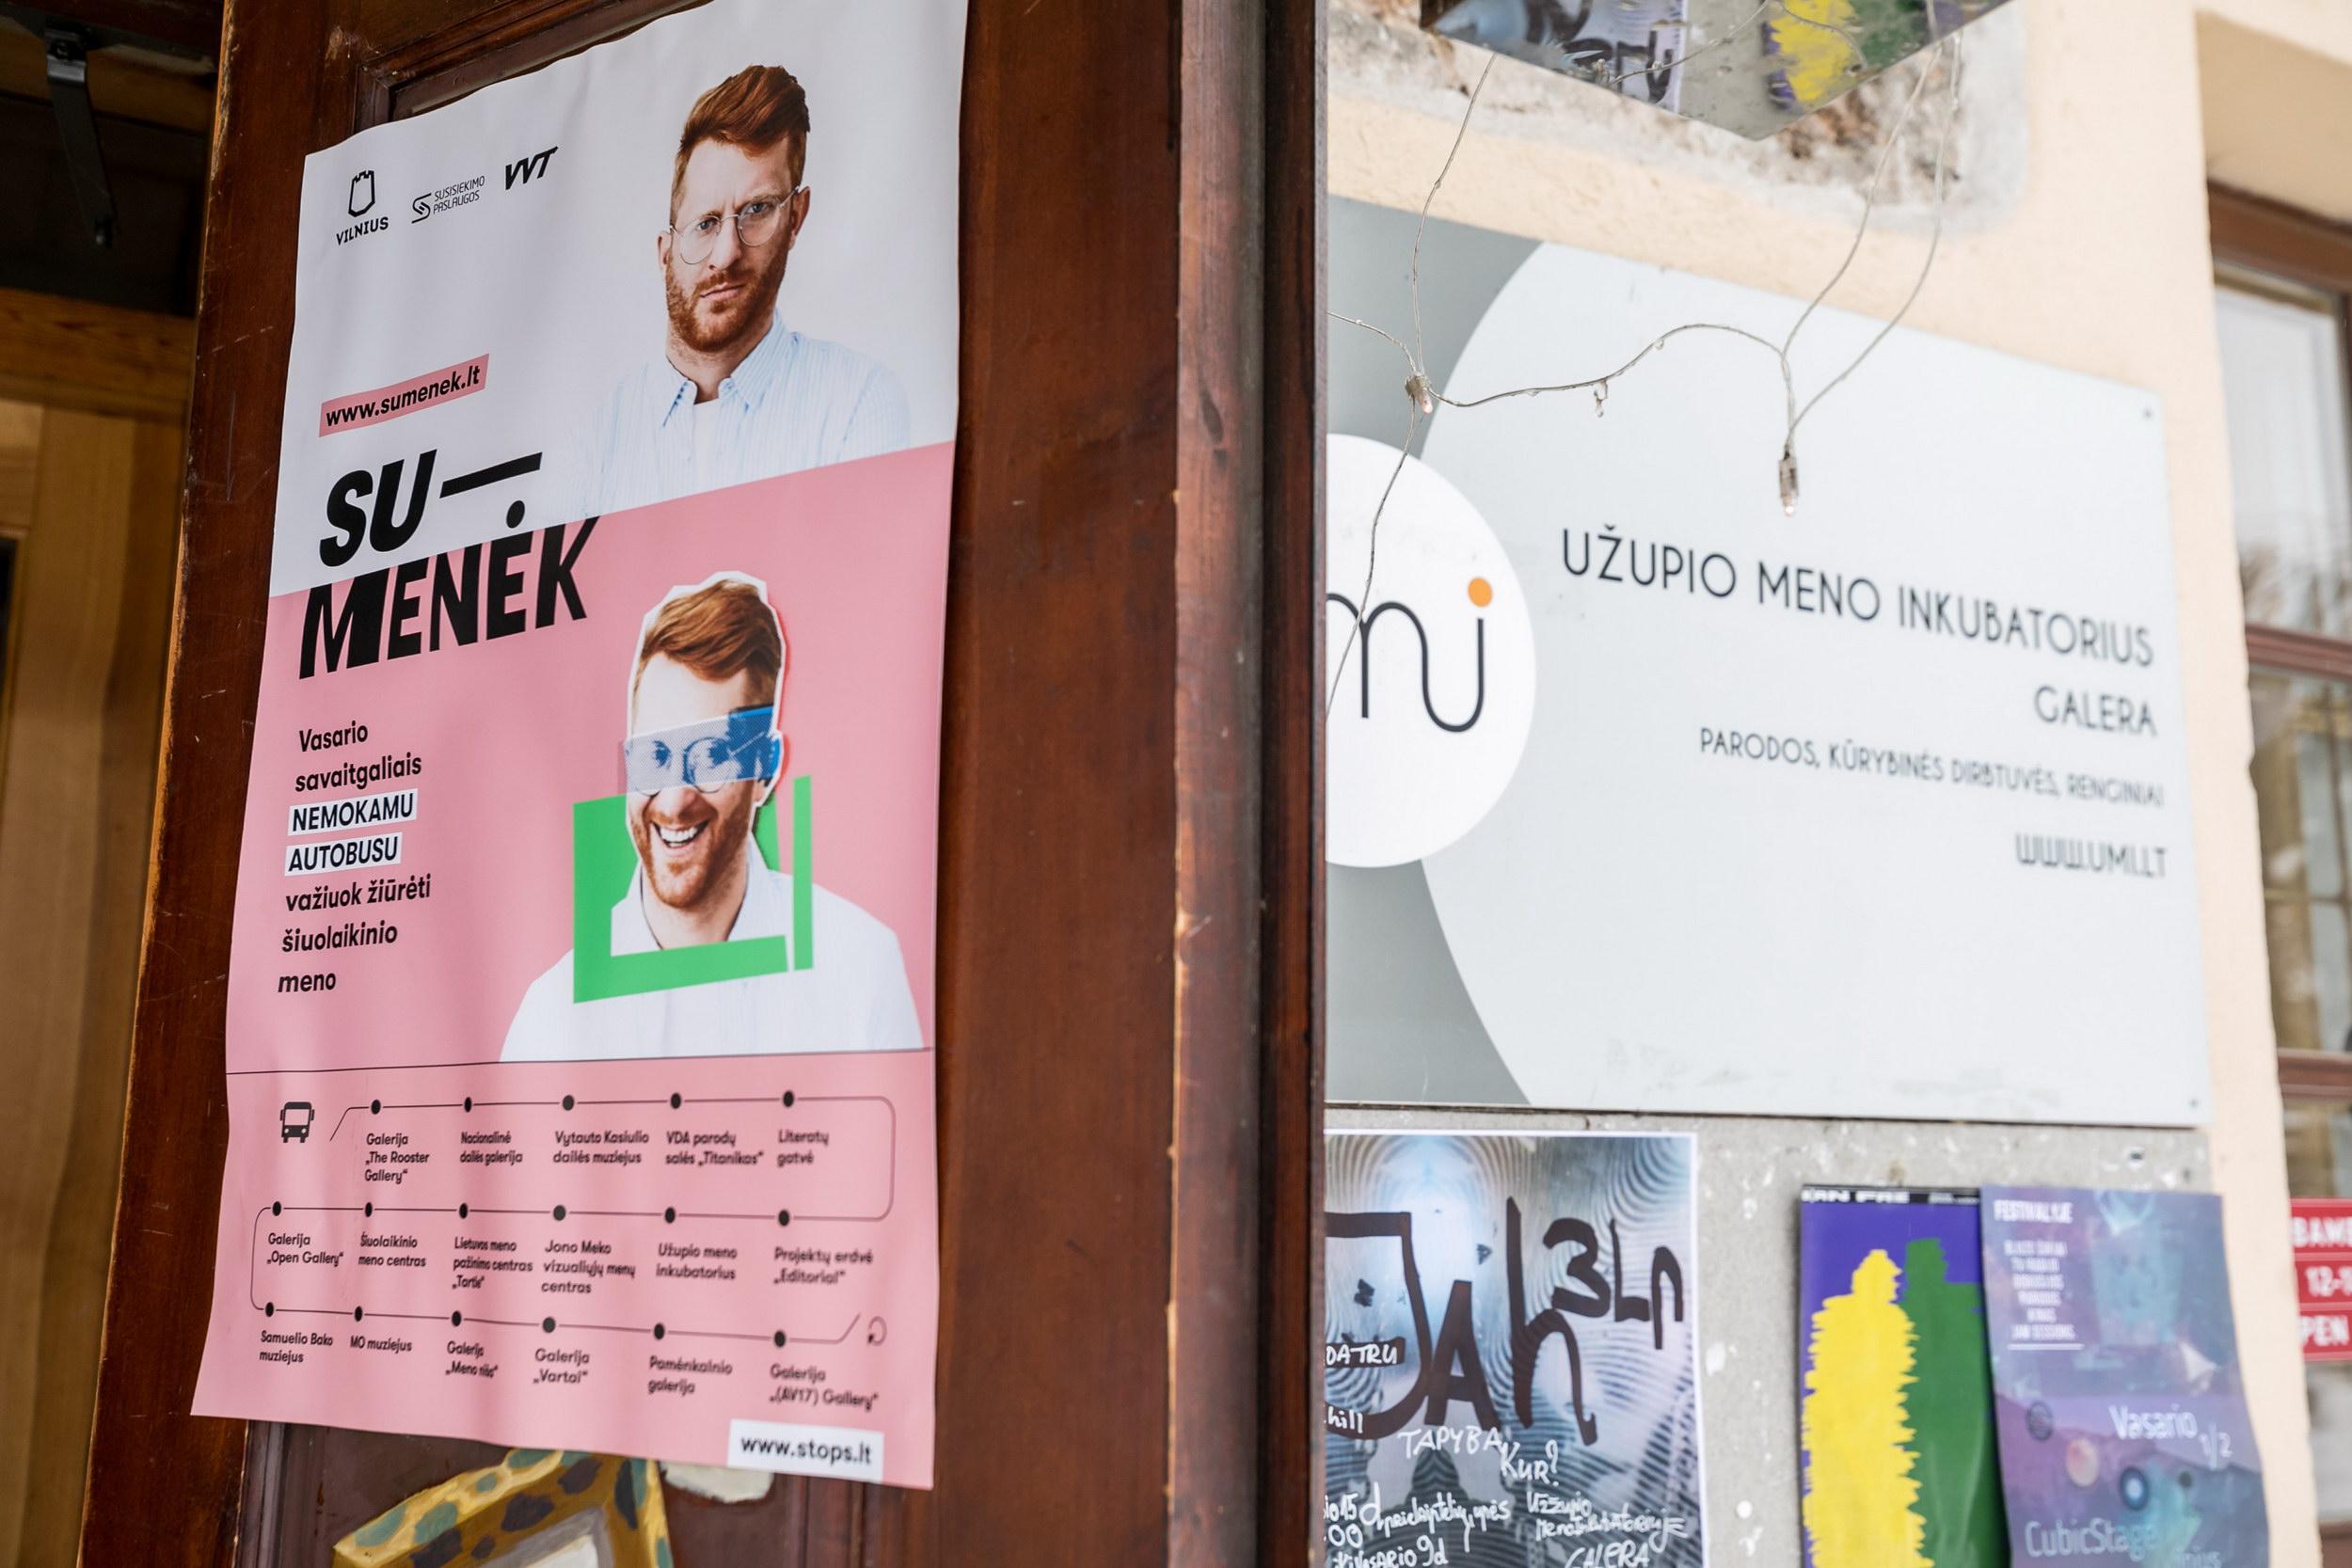 SU-MENĖK sėkmės istorija: iki 8 kartų išaugo apsilankymai sostinės šiuolaikinio meno galerijose   Vilniaus miesto savivaldybės nuotr.